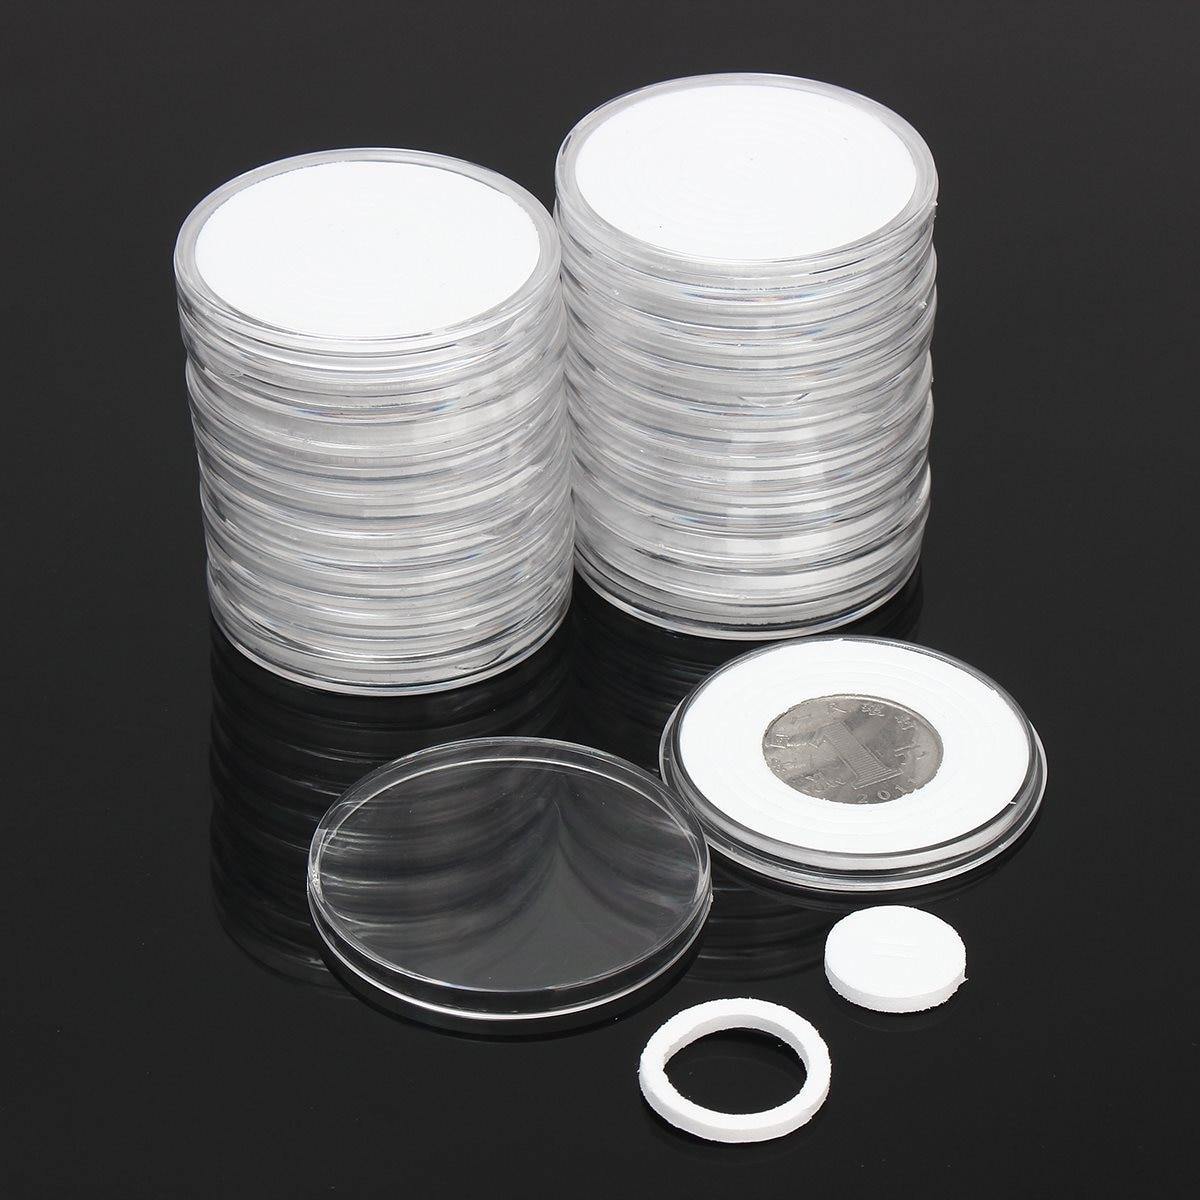 20 шт./компл. монет контейнер для хранения Box 51 мм Дисплей капсулы держатель круглый кольцо применяется ясно Пластик Чехол коллекция подарки